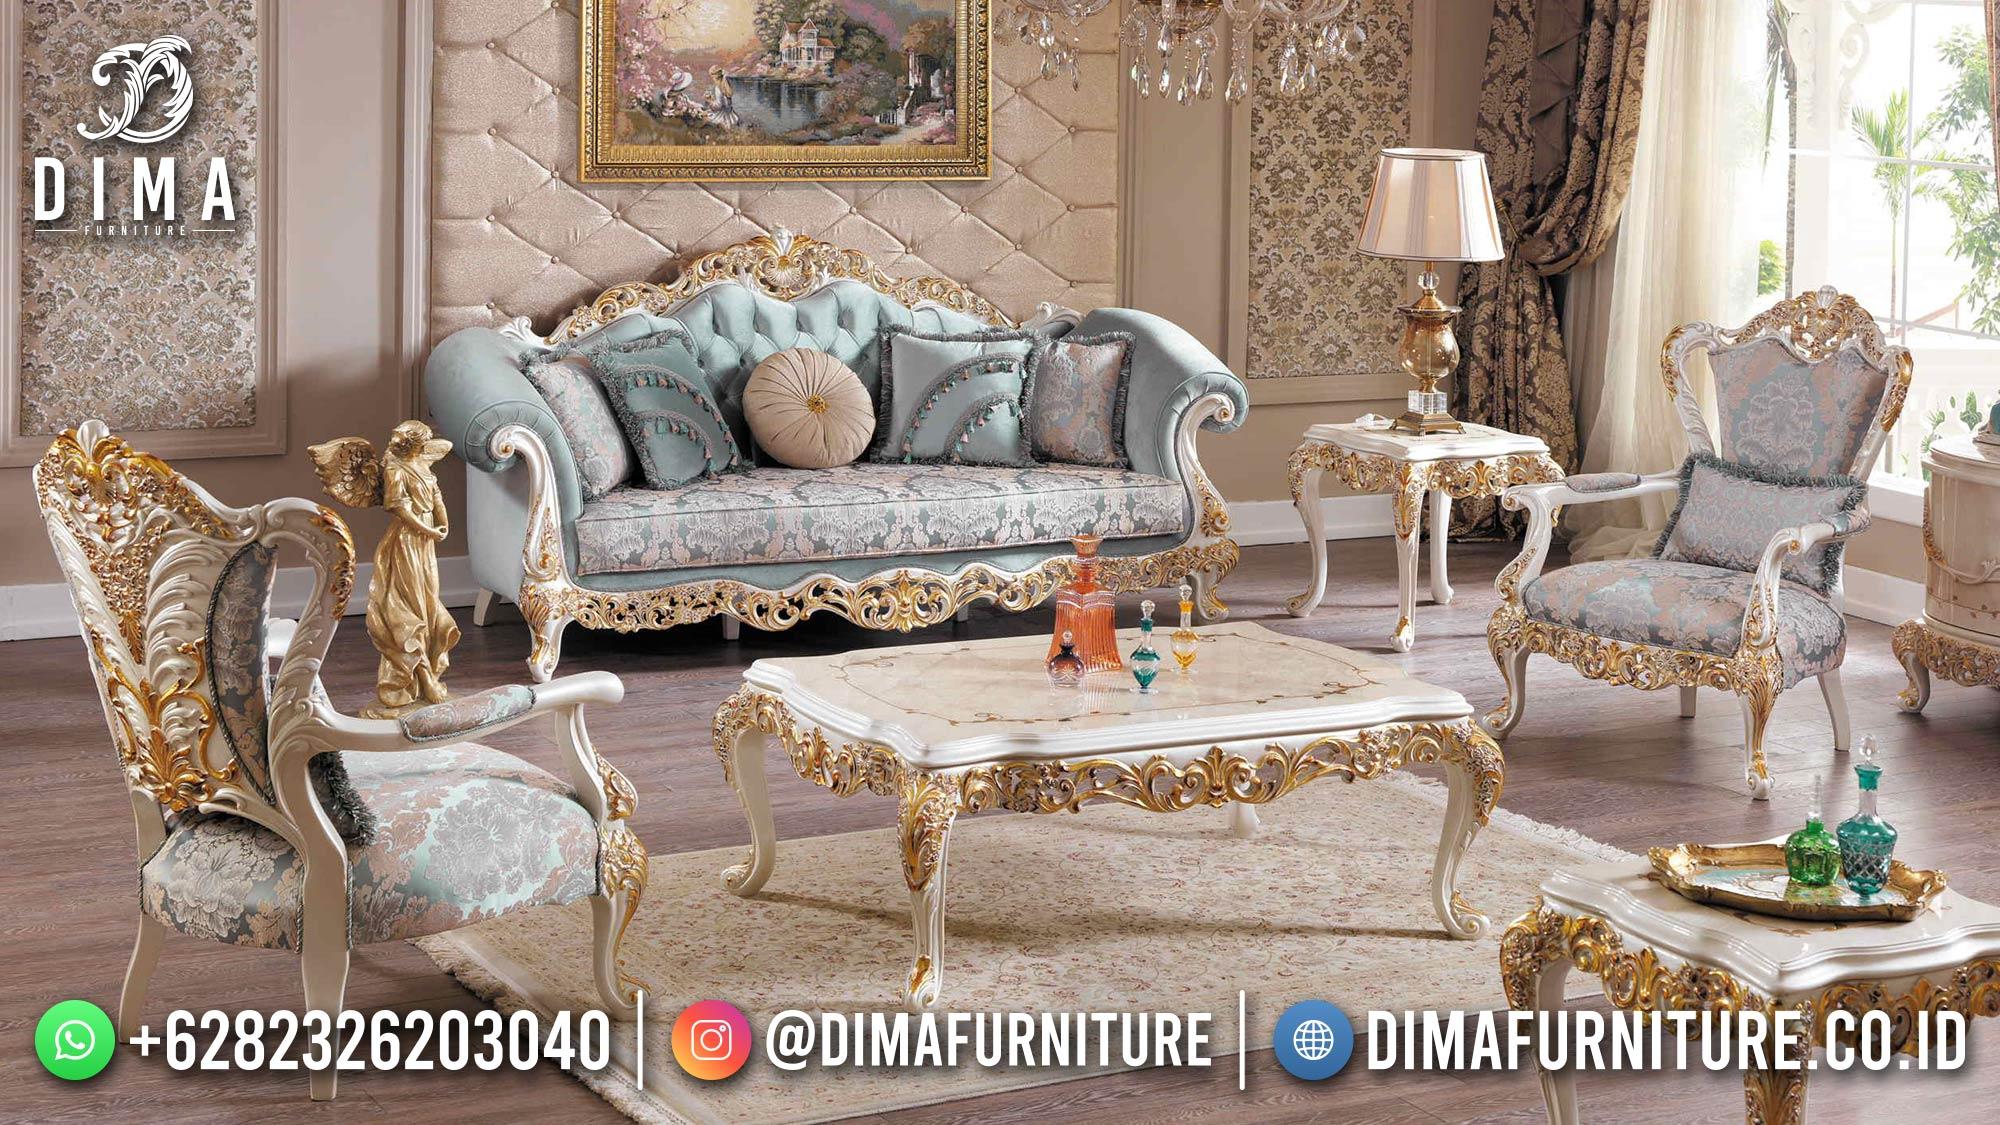 Kursi Sofa Ruang Tamu Jepara Golden Ivory New 2021 DF-1529